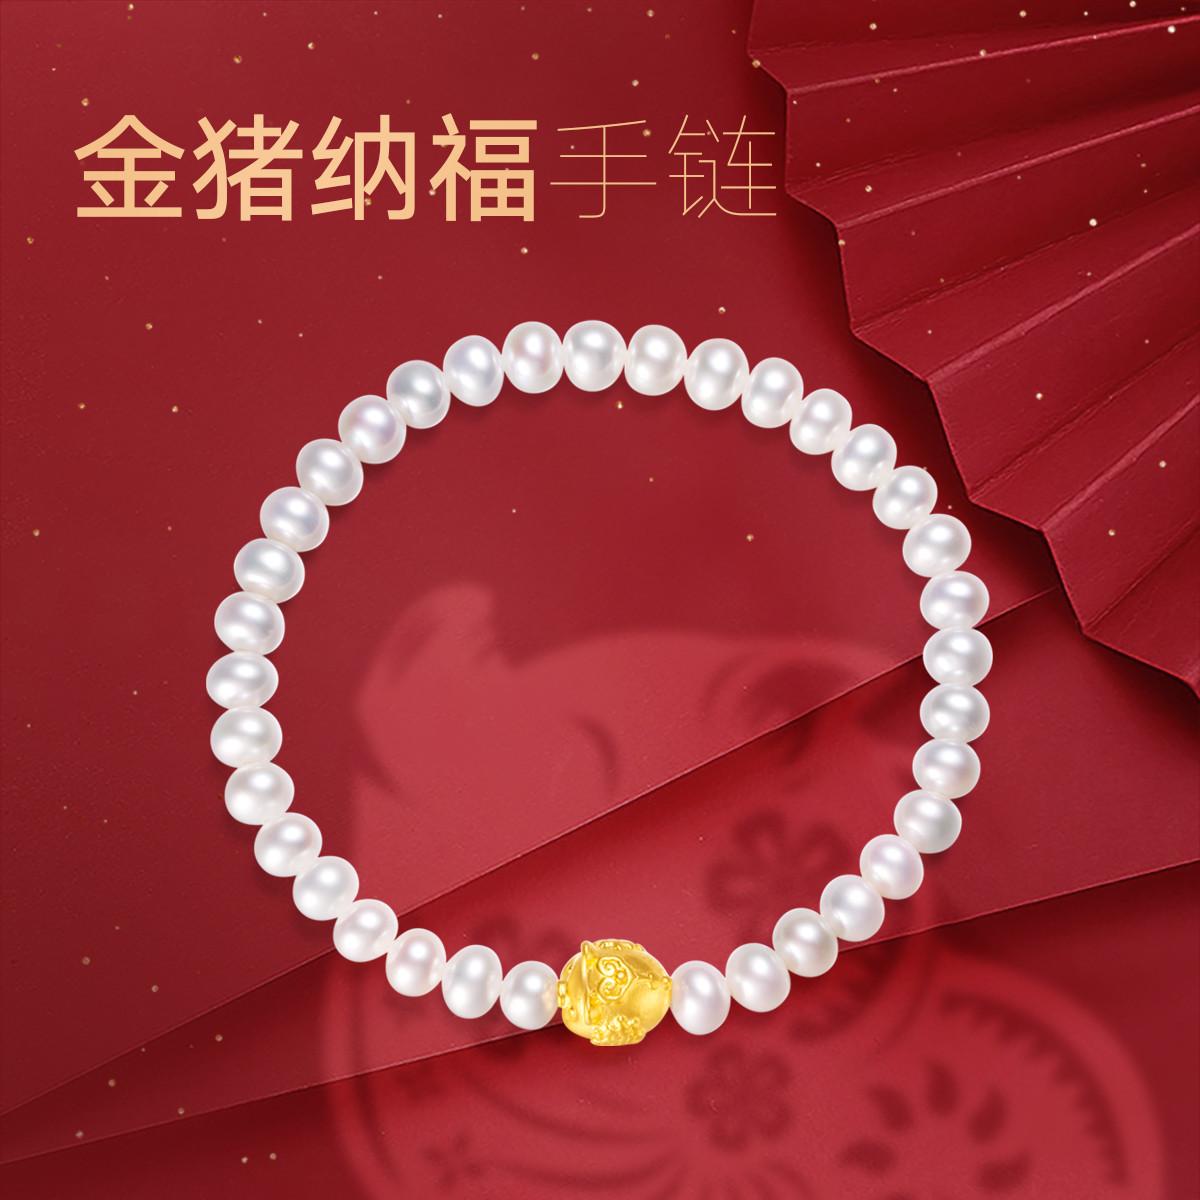 仙蒂瑞拉珠宝足金999黄金猪手链/5-5.mm天然珍珠手链/手串XDRL5165